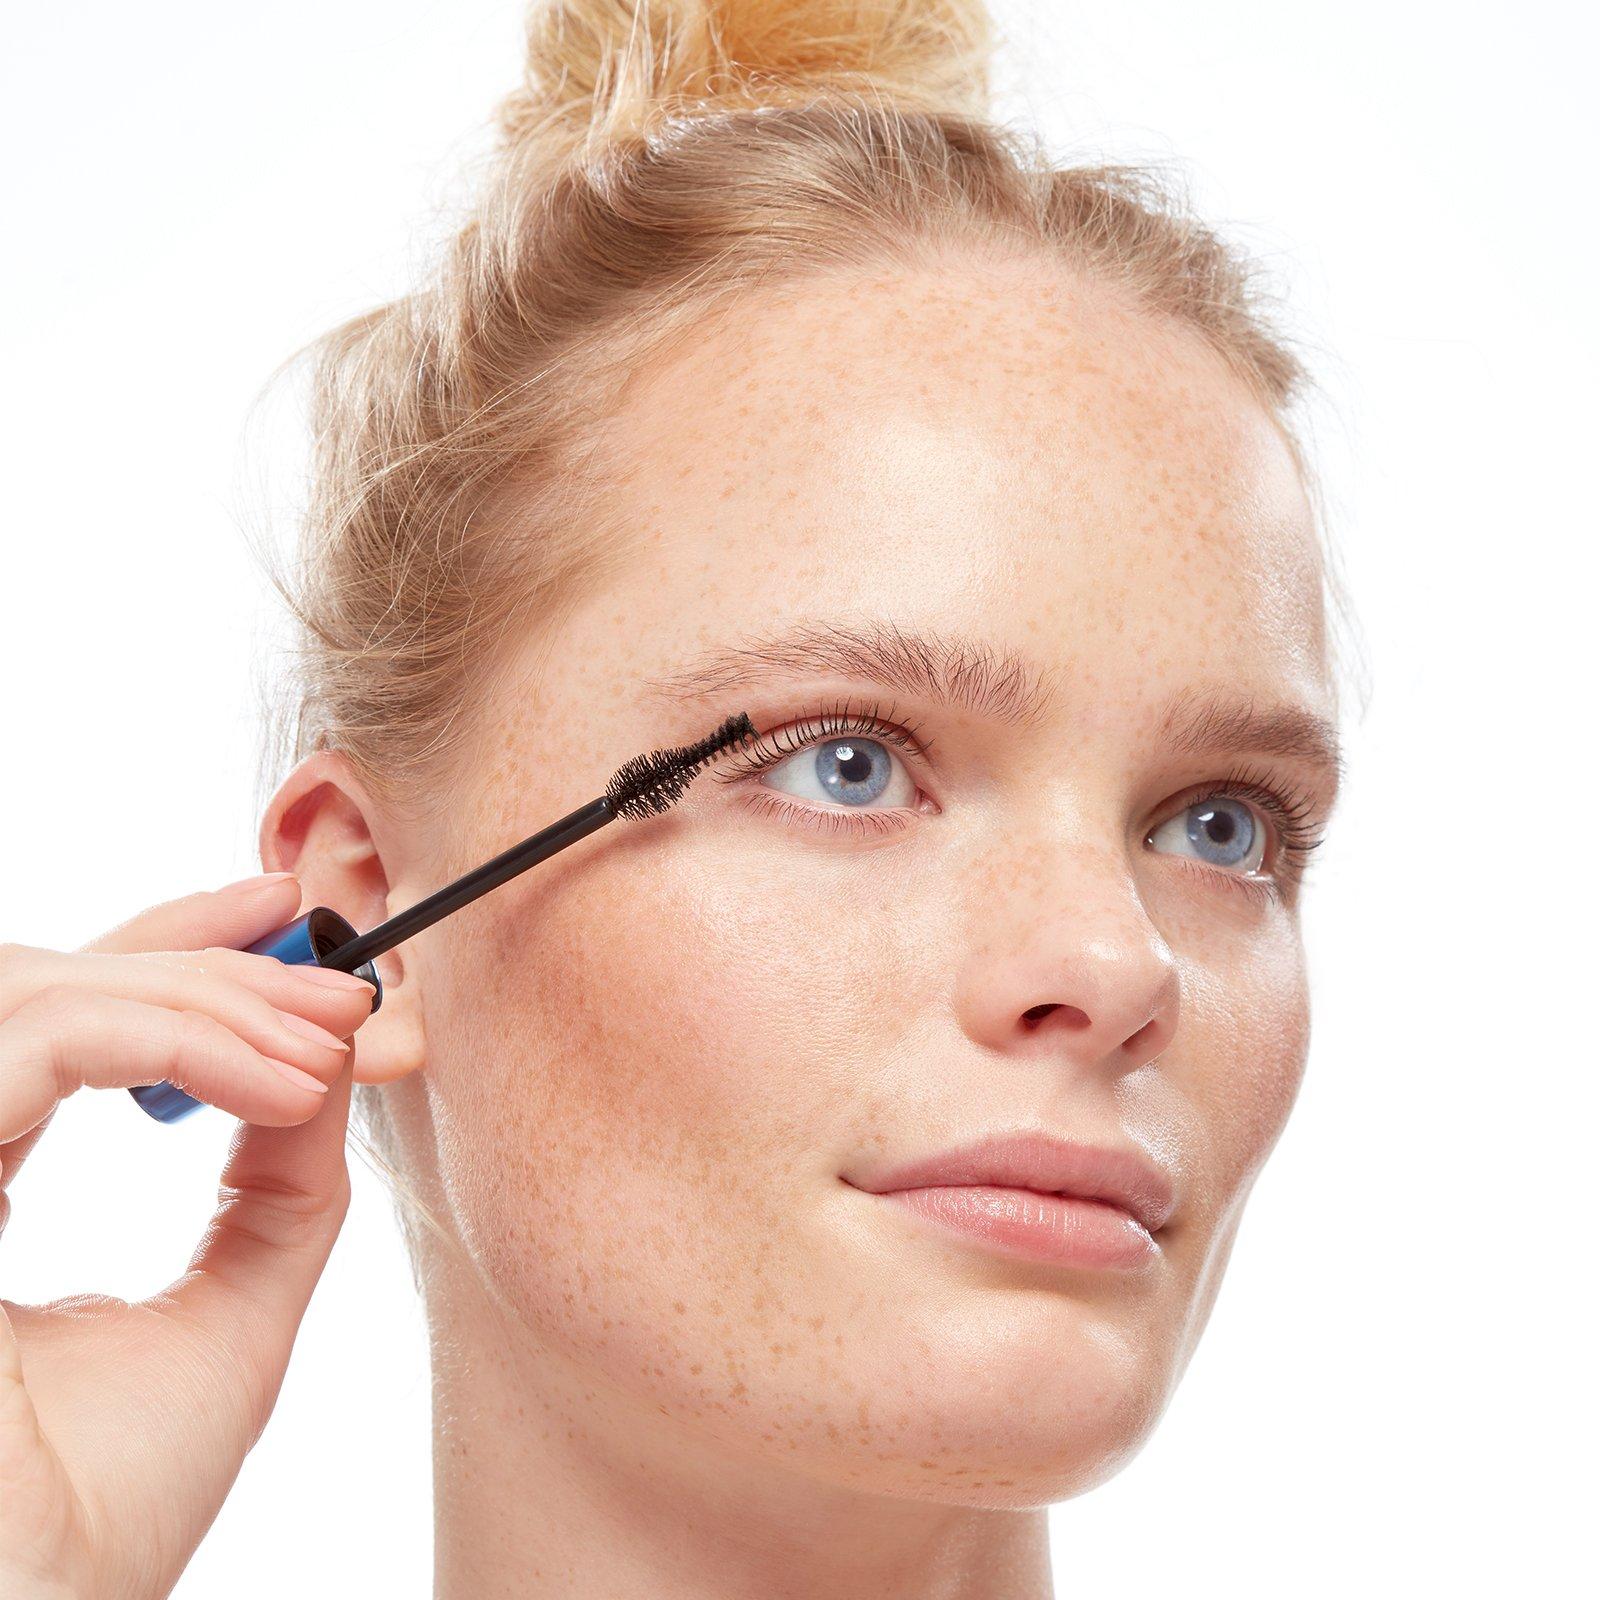 Eyeko yoga waterproof mascara that won't smudge